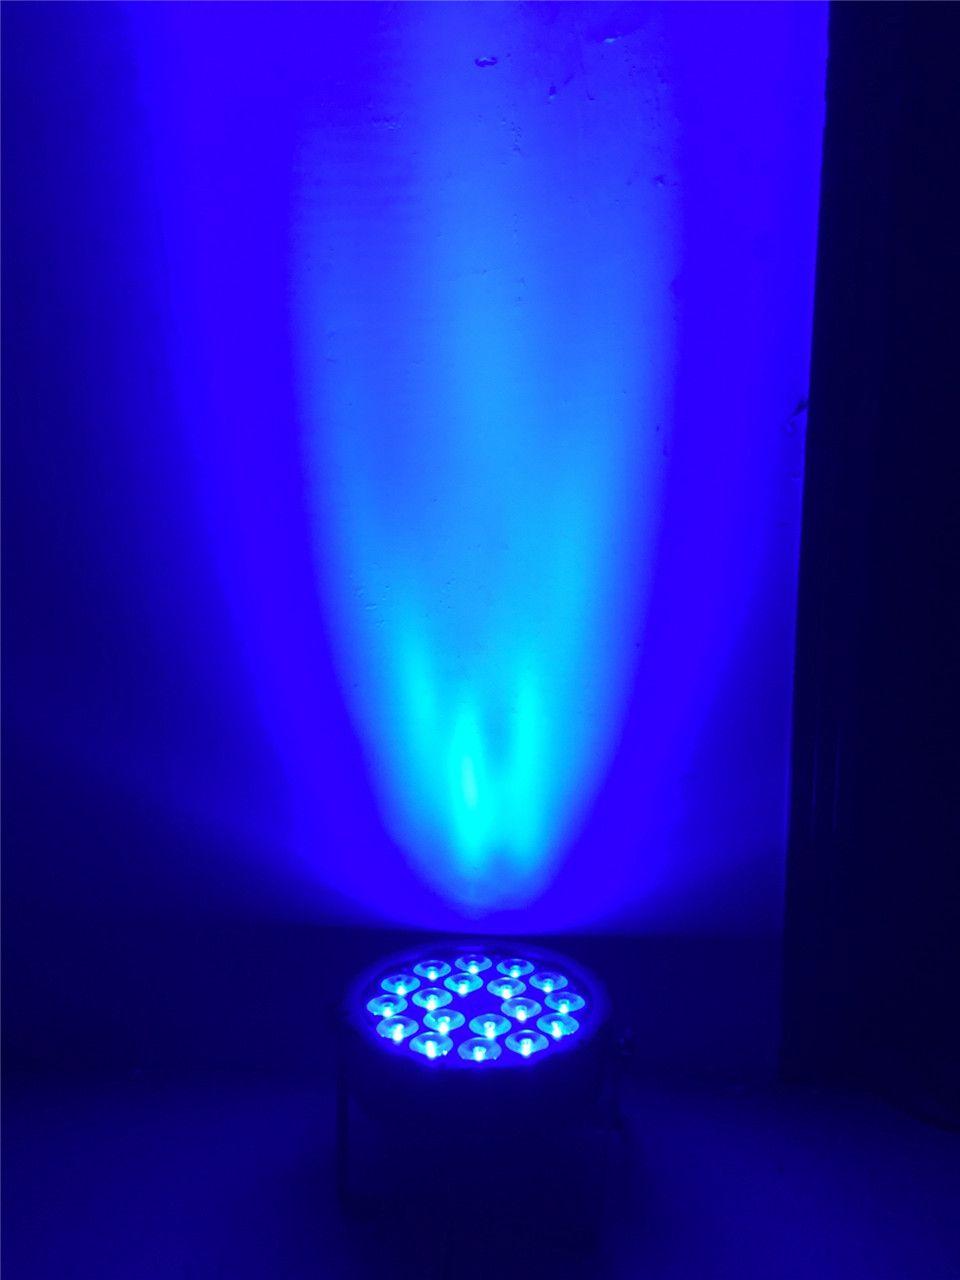 18x12 W RGBW Led Par Luce DMX Stage Lights Luci D'affari Professionale Piatto Par Can il Partito KTV discoteca del DJ della Lampada